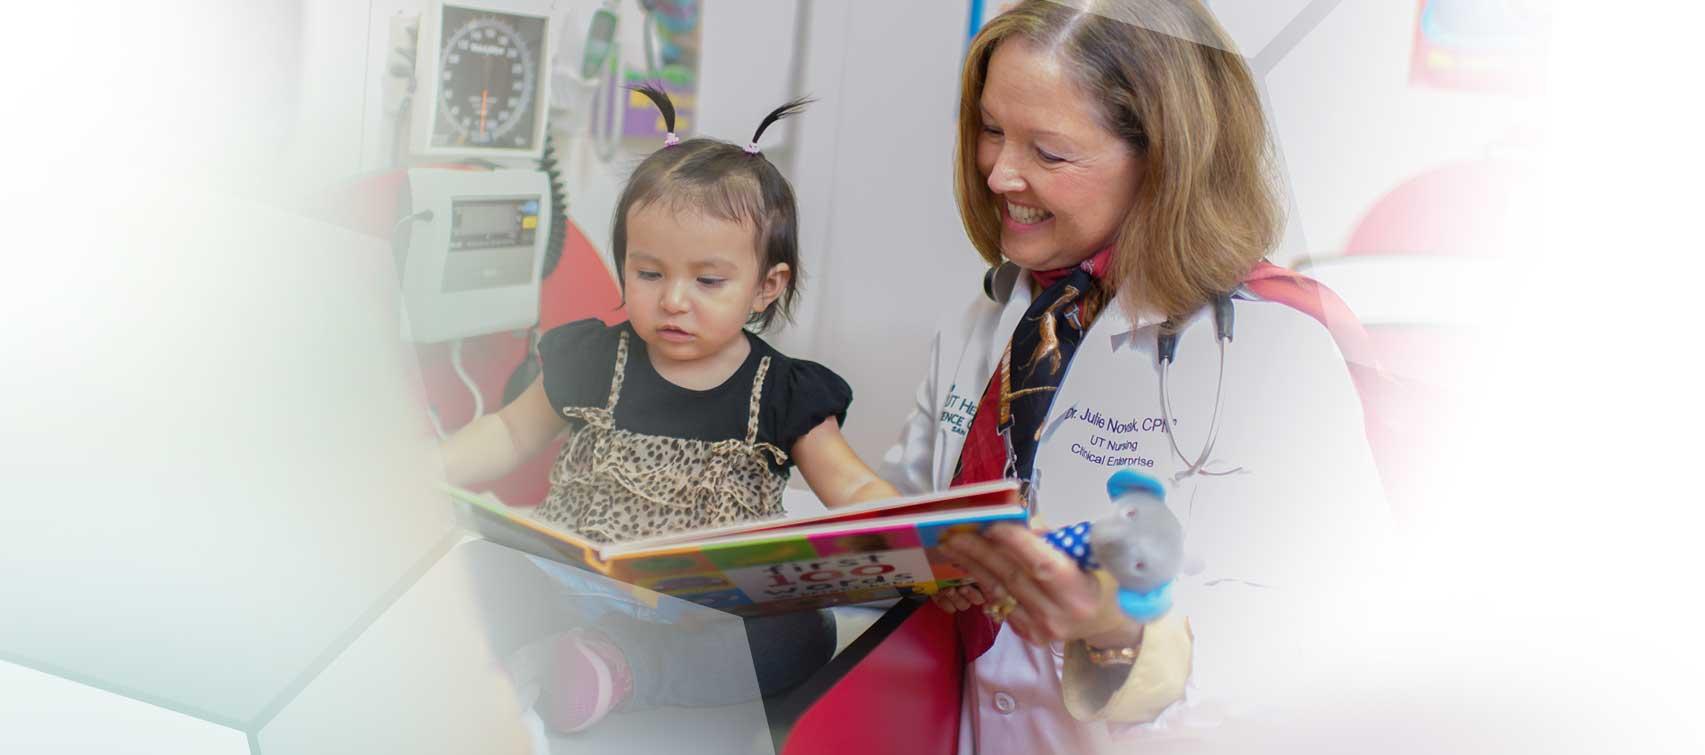 Dr. Julie Novak